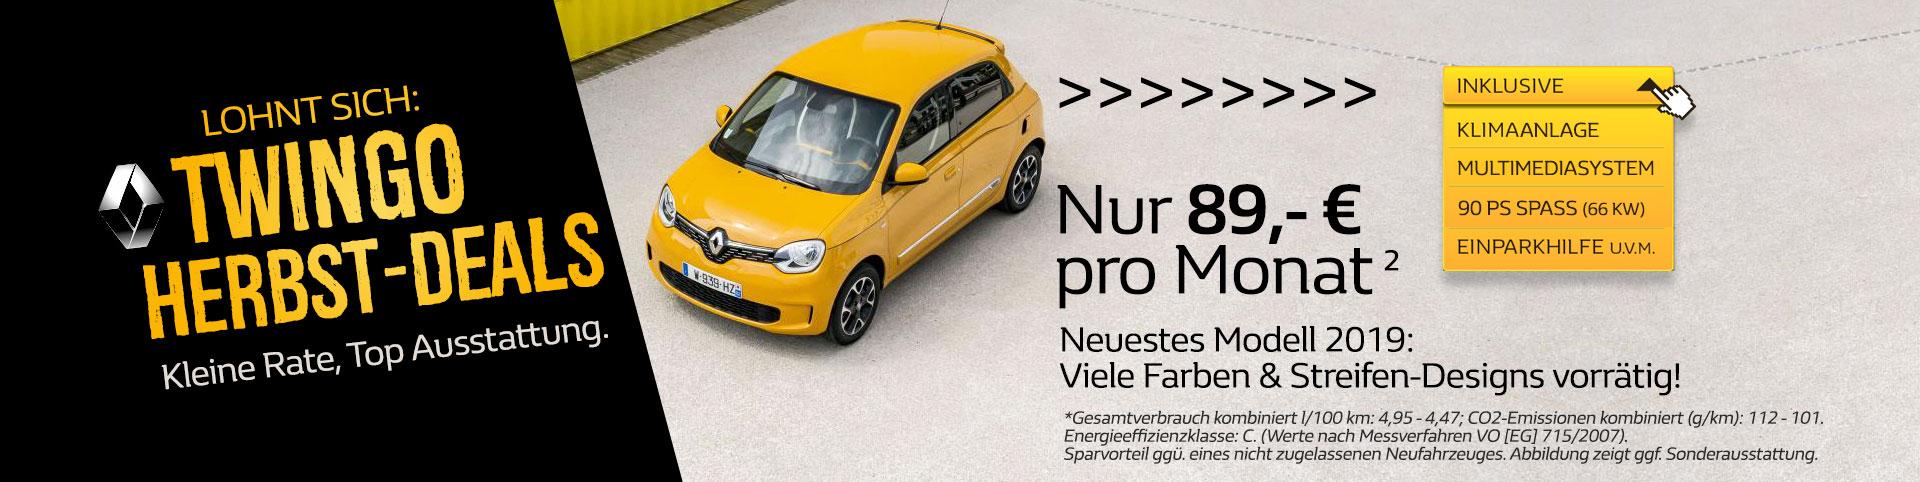 Solidaritätsnachlass statt Zuschlag: Renault Twingo Sonderangebot von P&A-PRECKEL